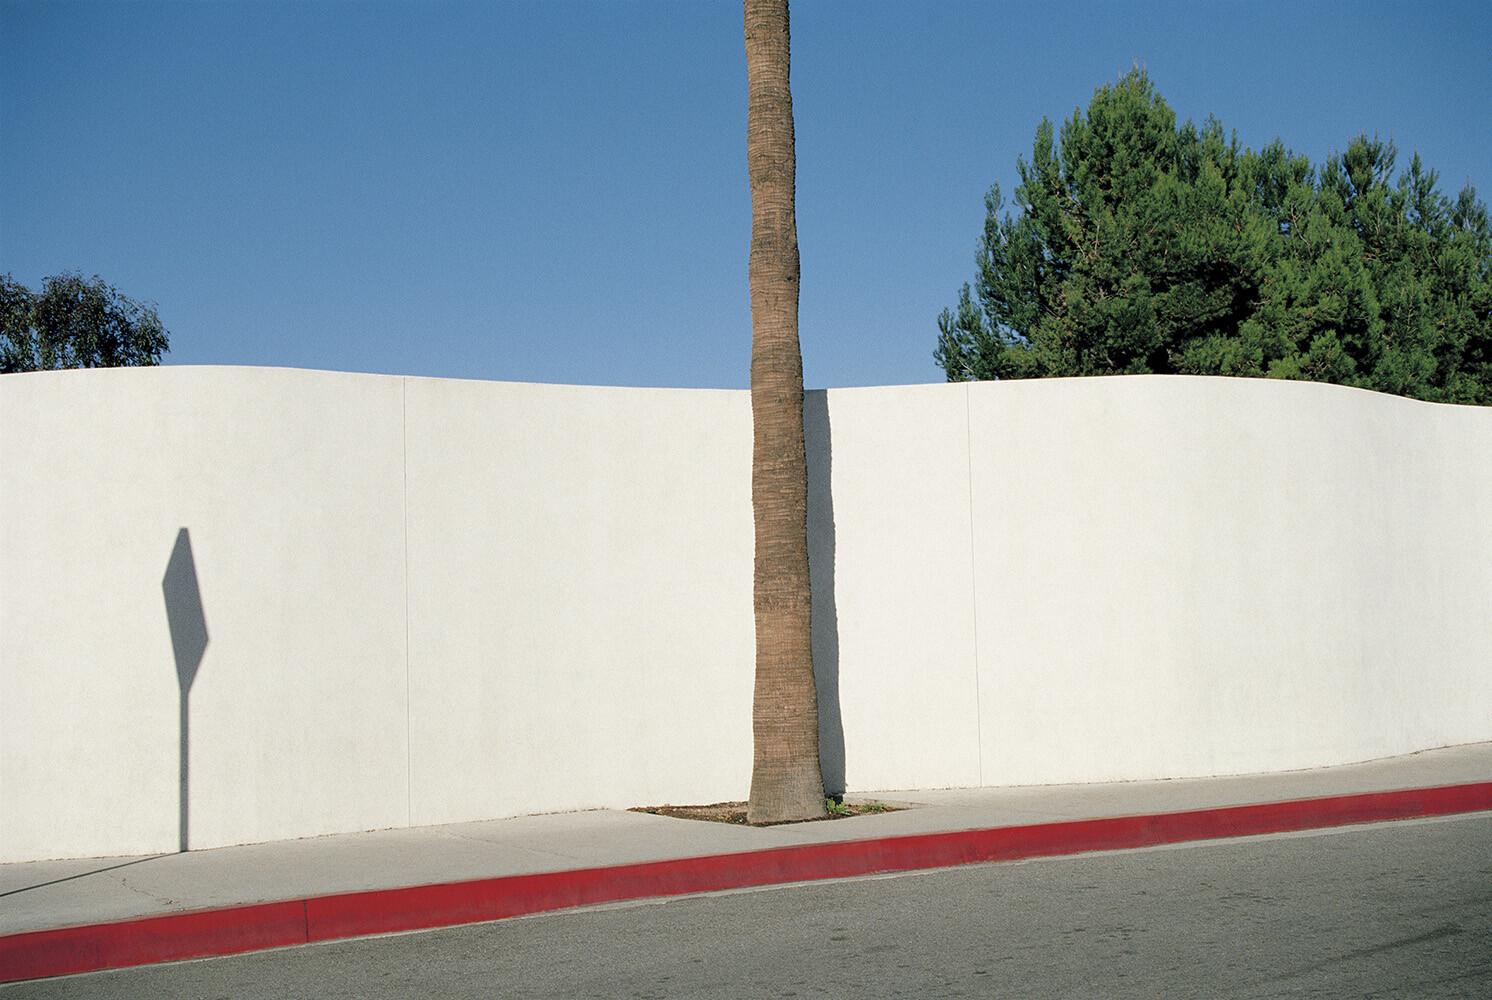 Лос-Анджелес, 1990. Фотограф Франко Фонтана